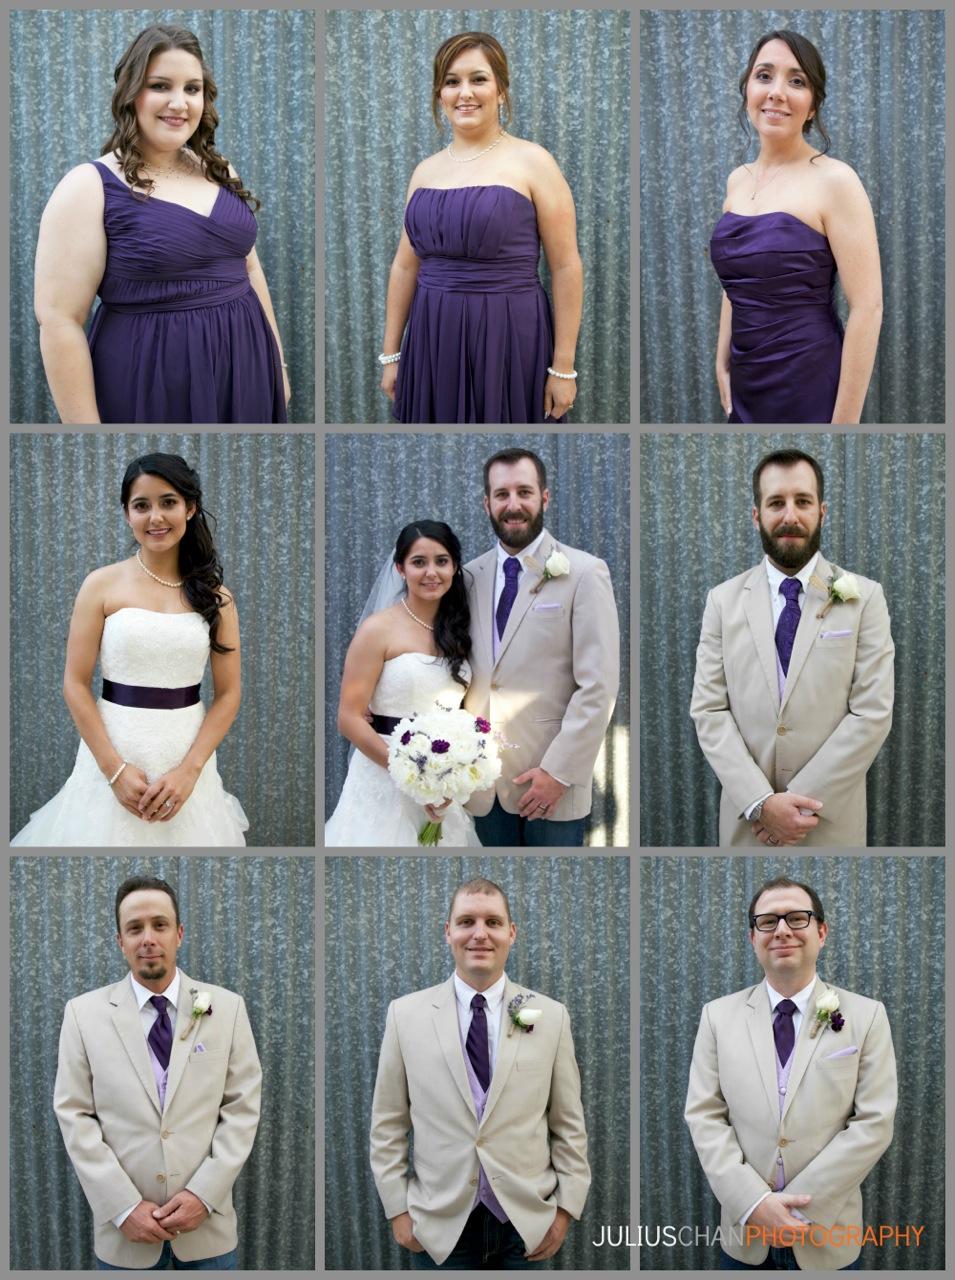 Lassere+Wedding+Collage+FINAL